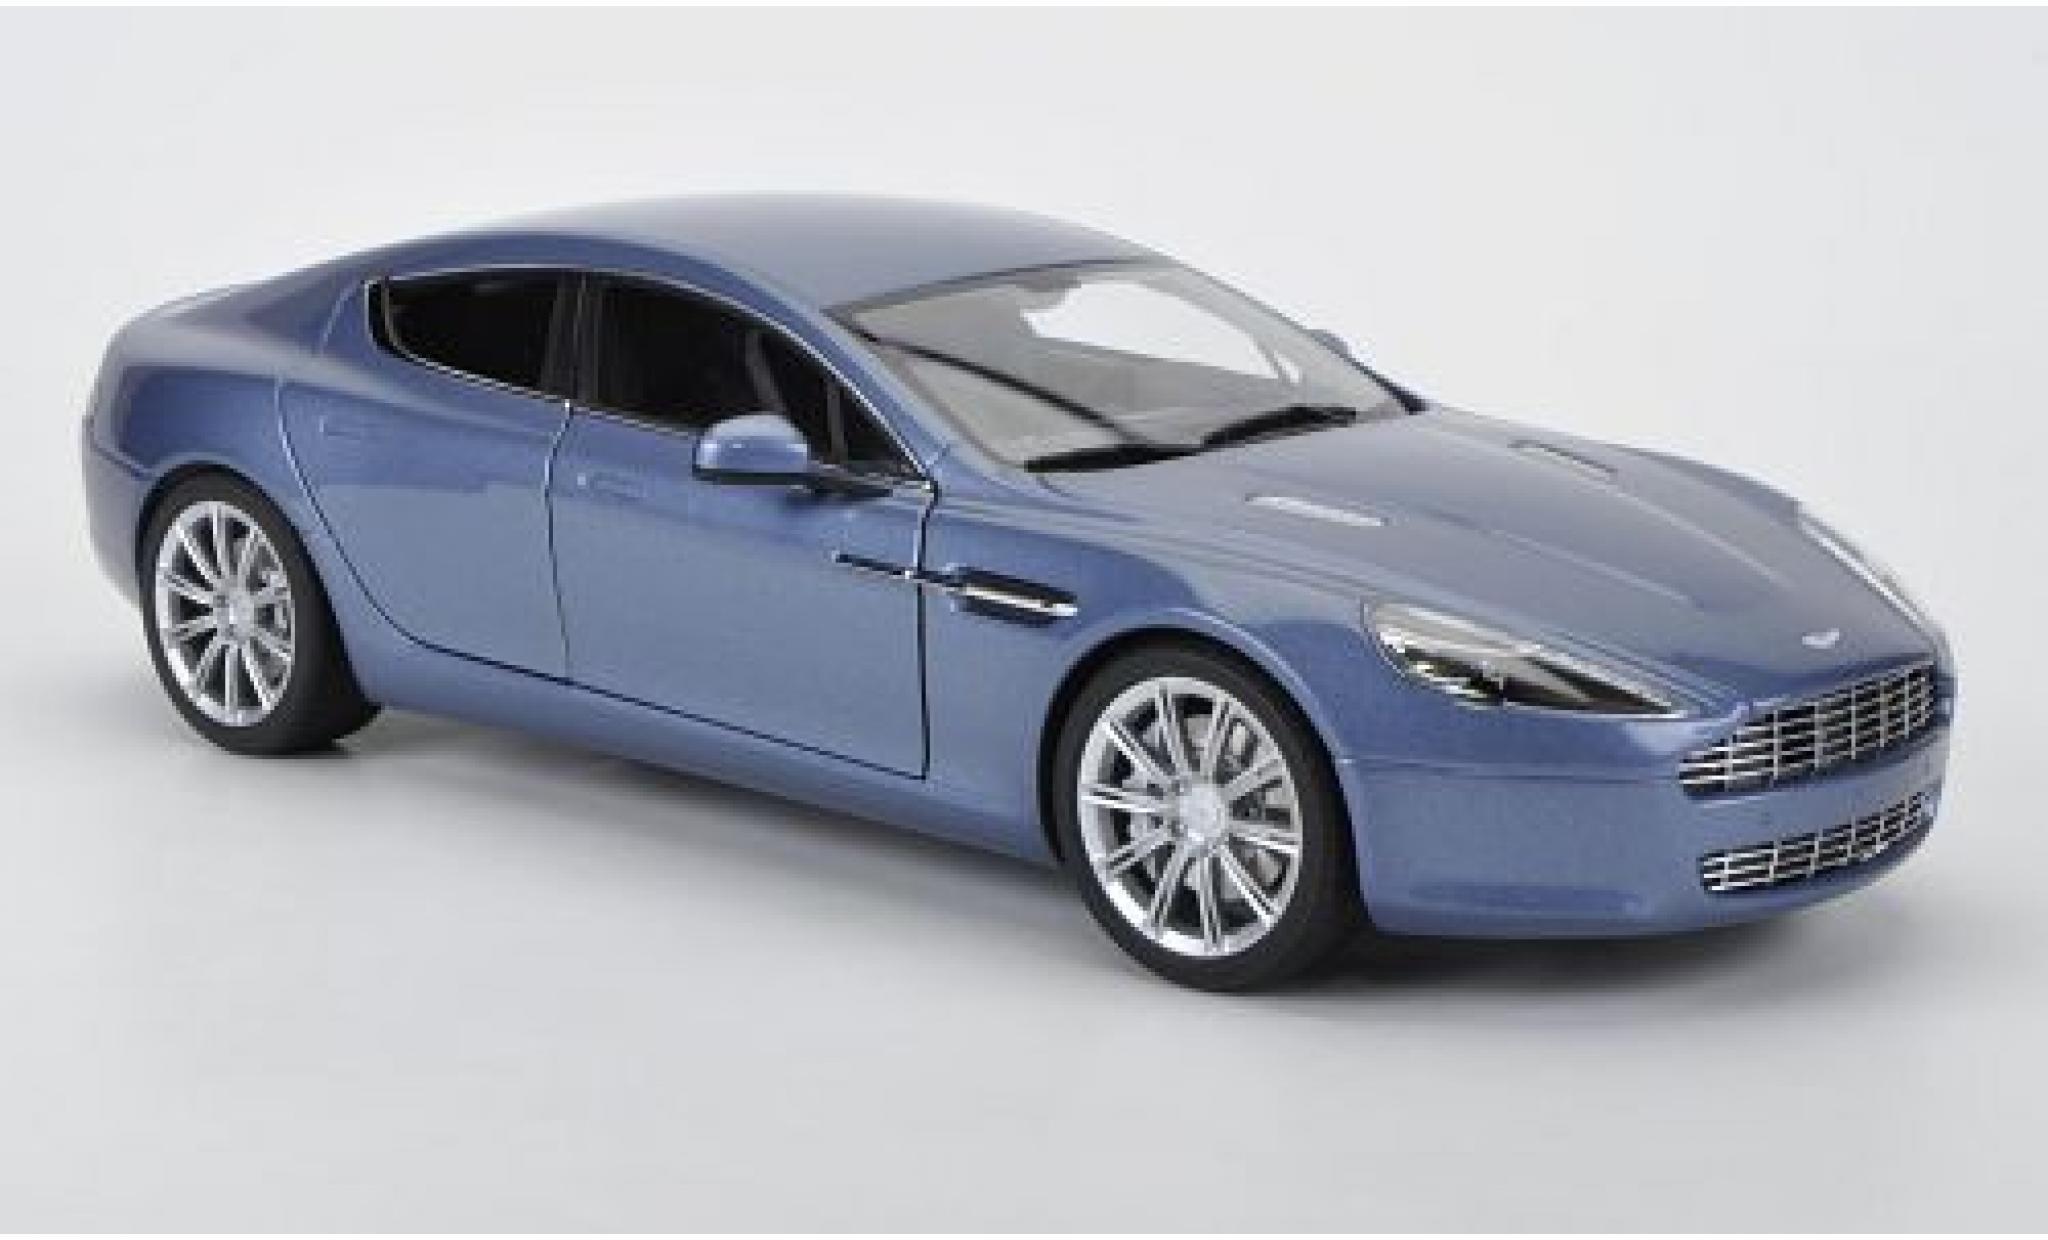 Aston Martin Rapide 1/18 AUTOart metallise bleue 2010